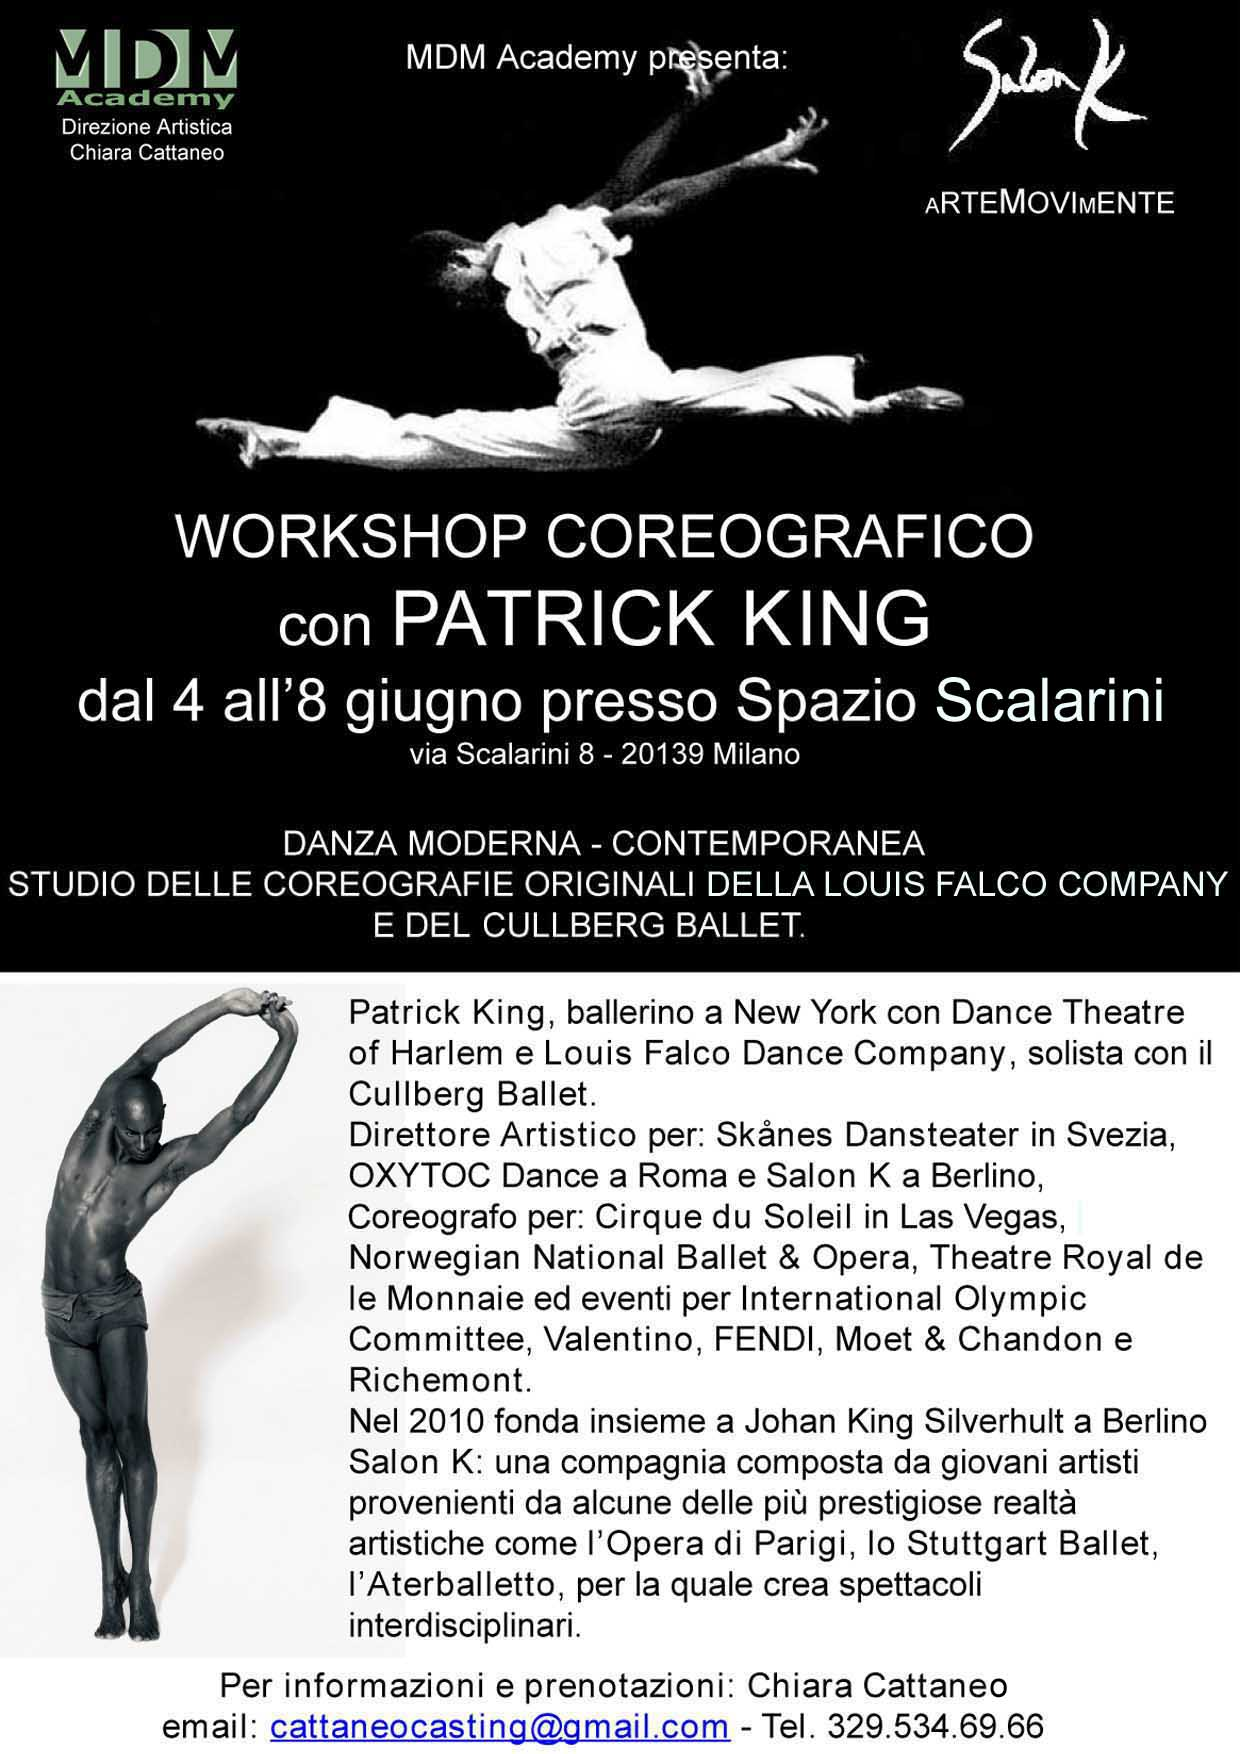 WORKSHOP COREOGRAFICO CON PATRICK KING